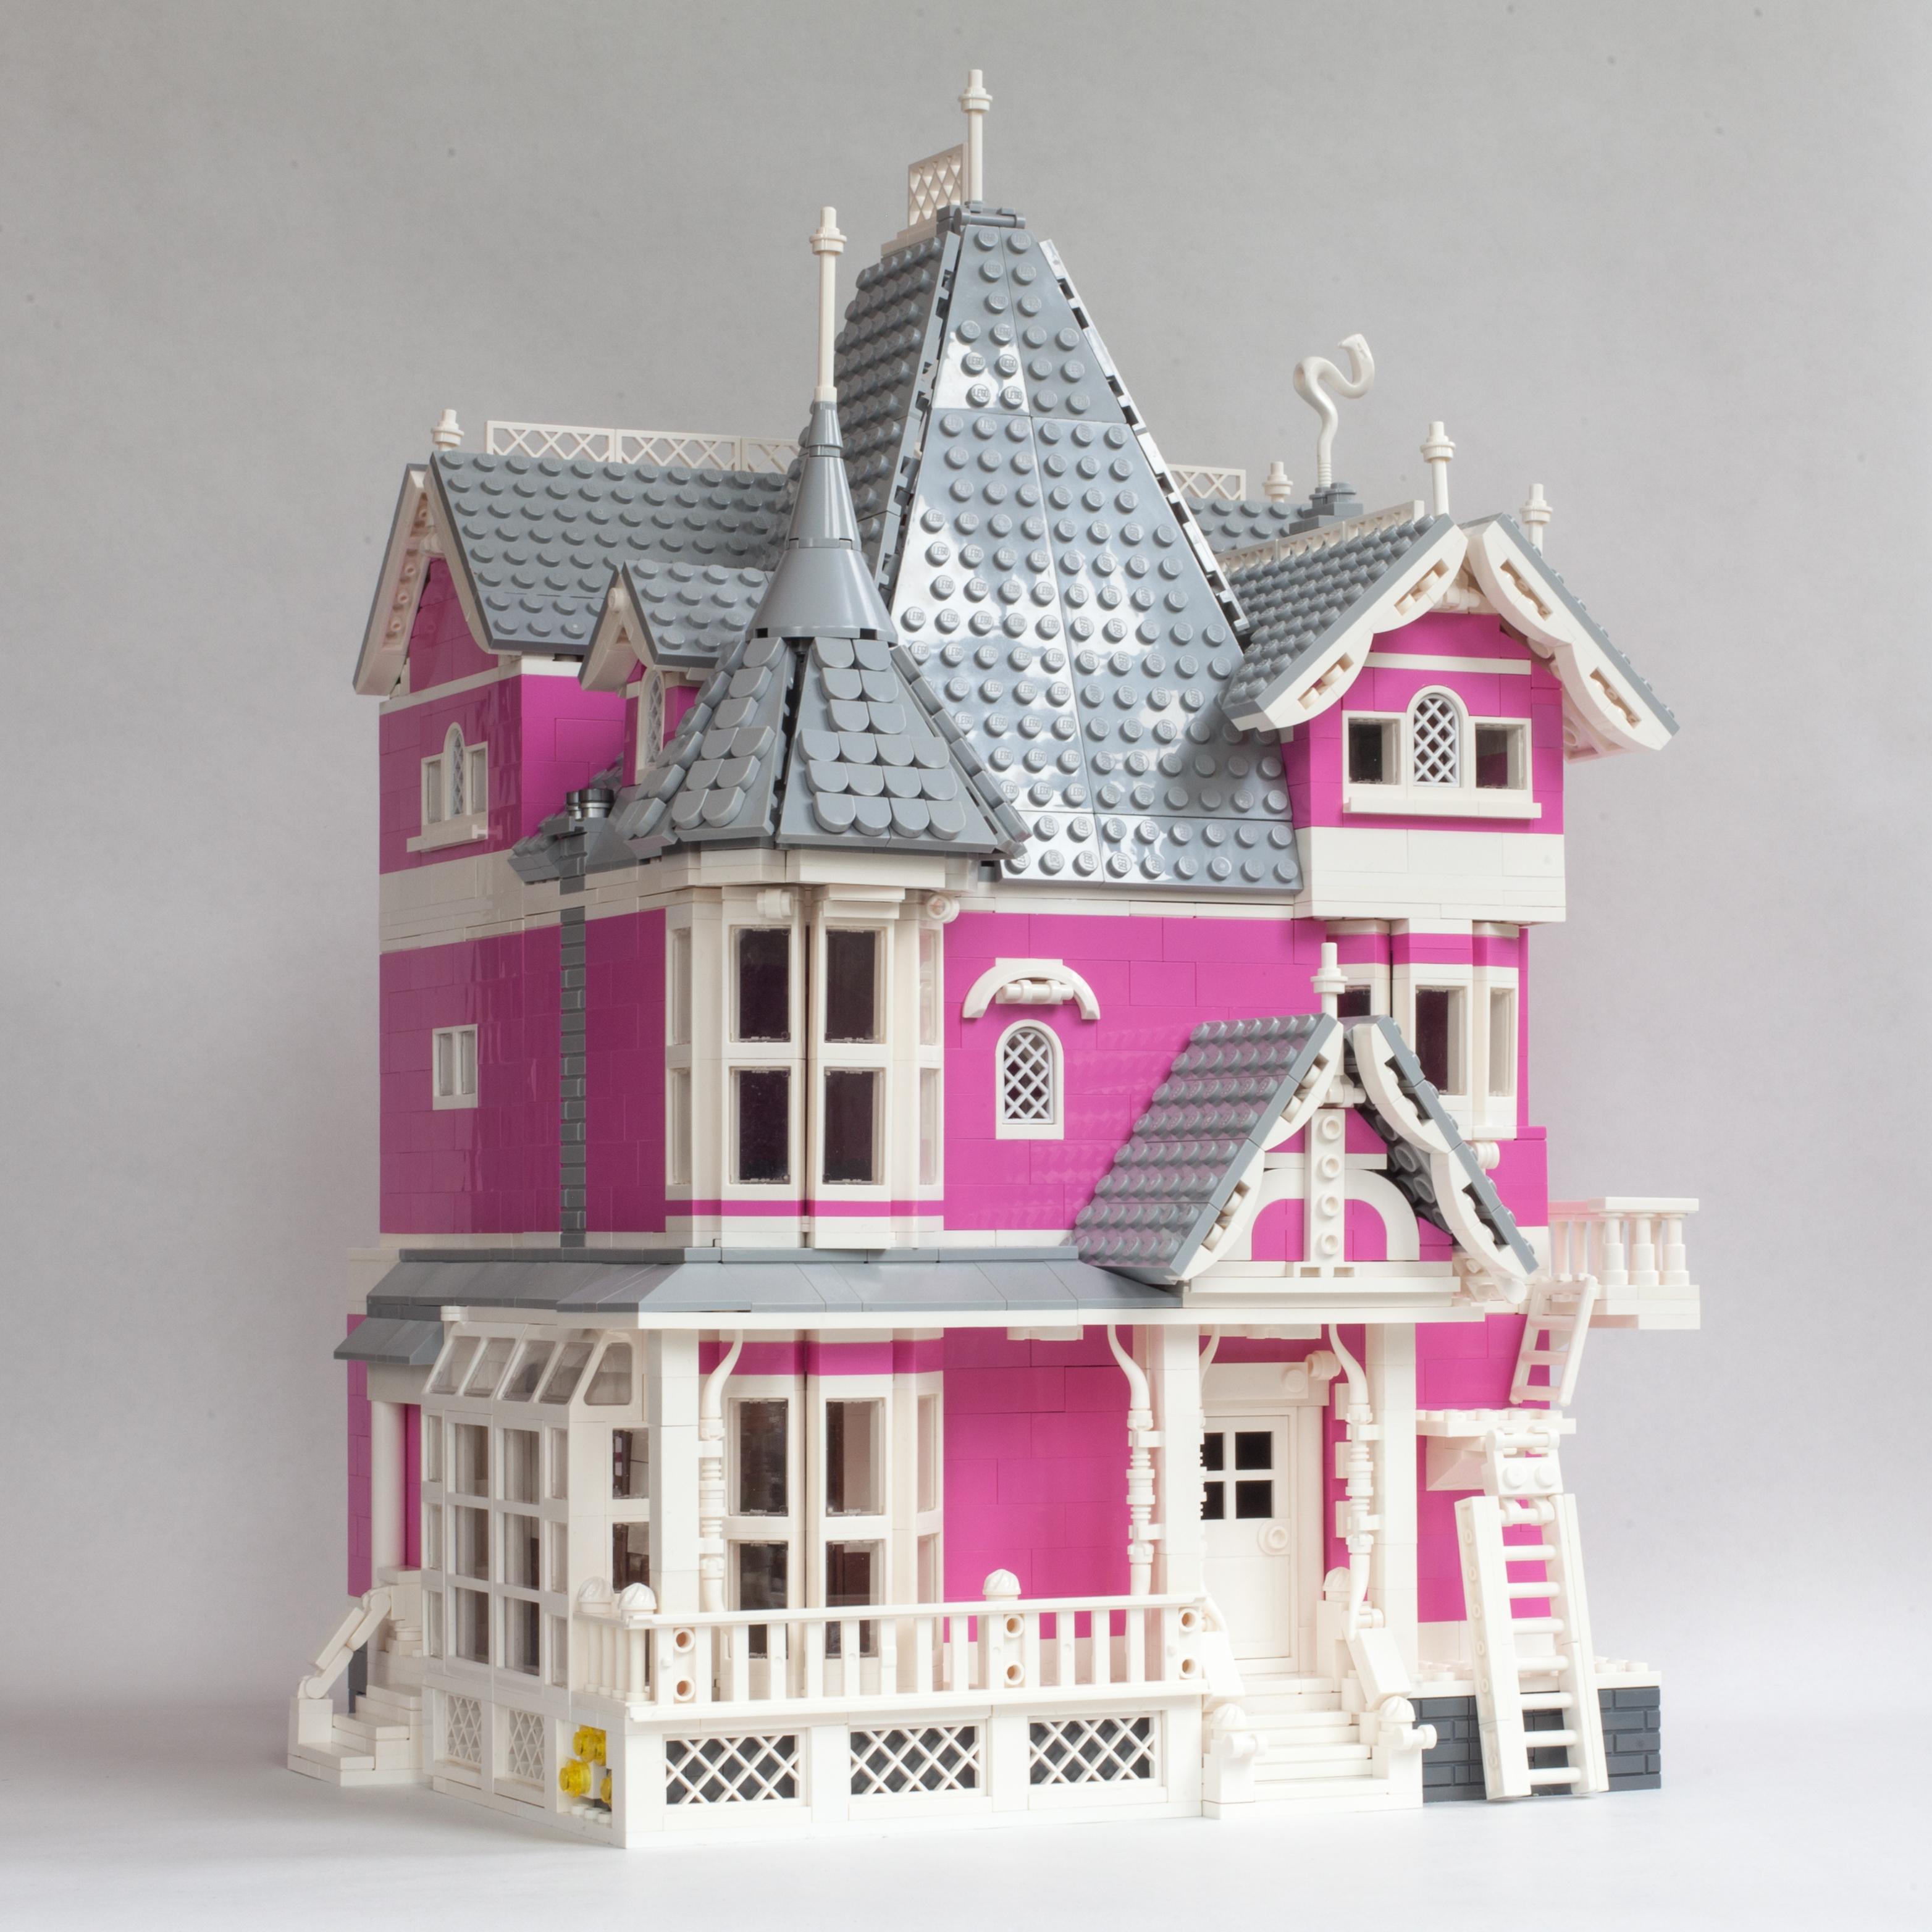 ɪɴᴛᴇʀᴠɪᴇᴡ Holly Webster S Coraline House Brick Architect